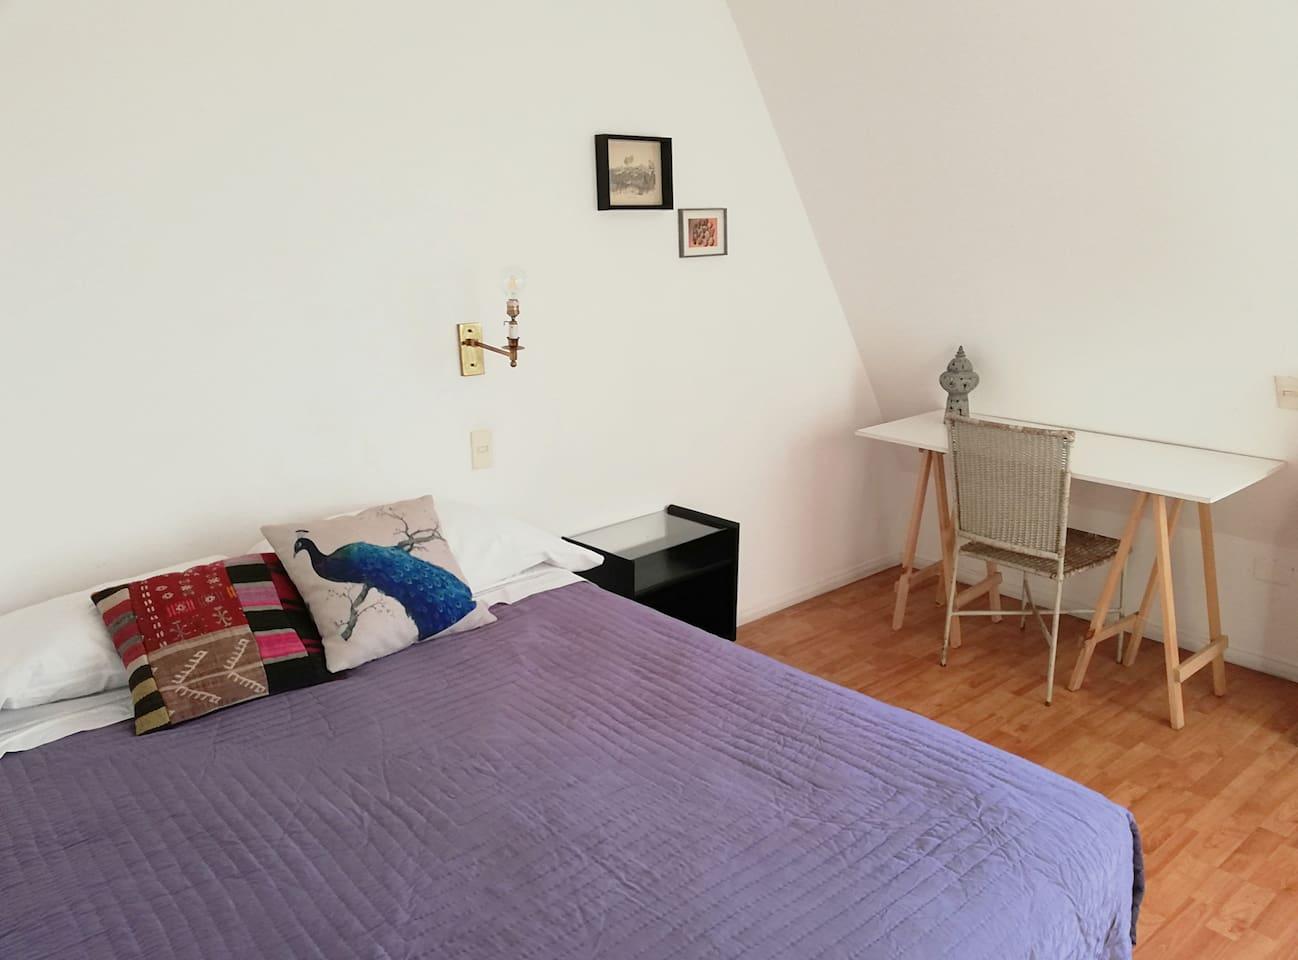 Pieza luminosa, cama de 2 plazas, velador y sencillo escritorio.